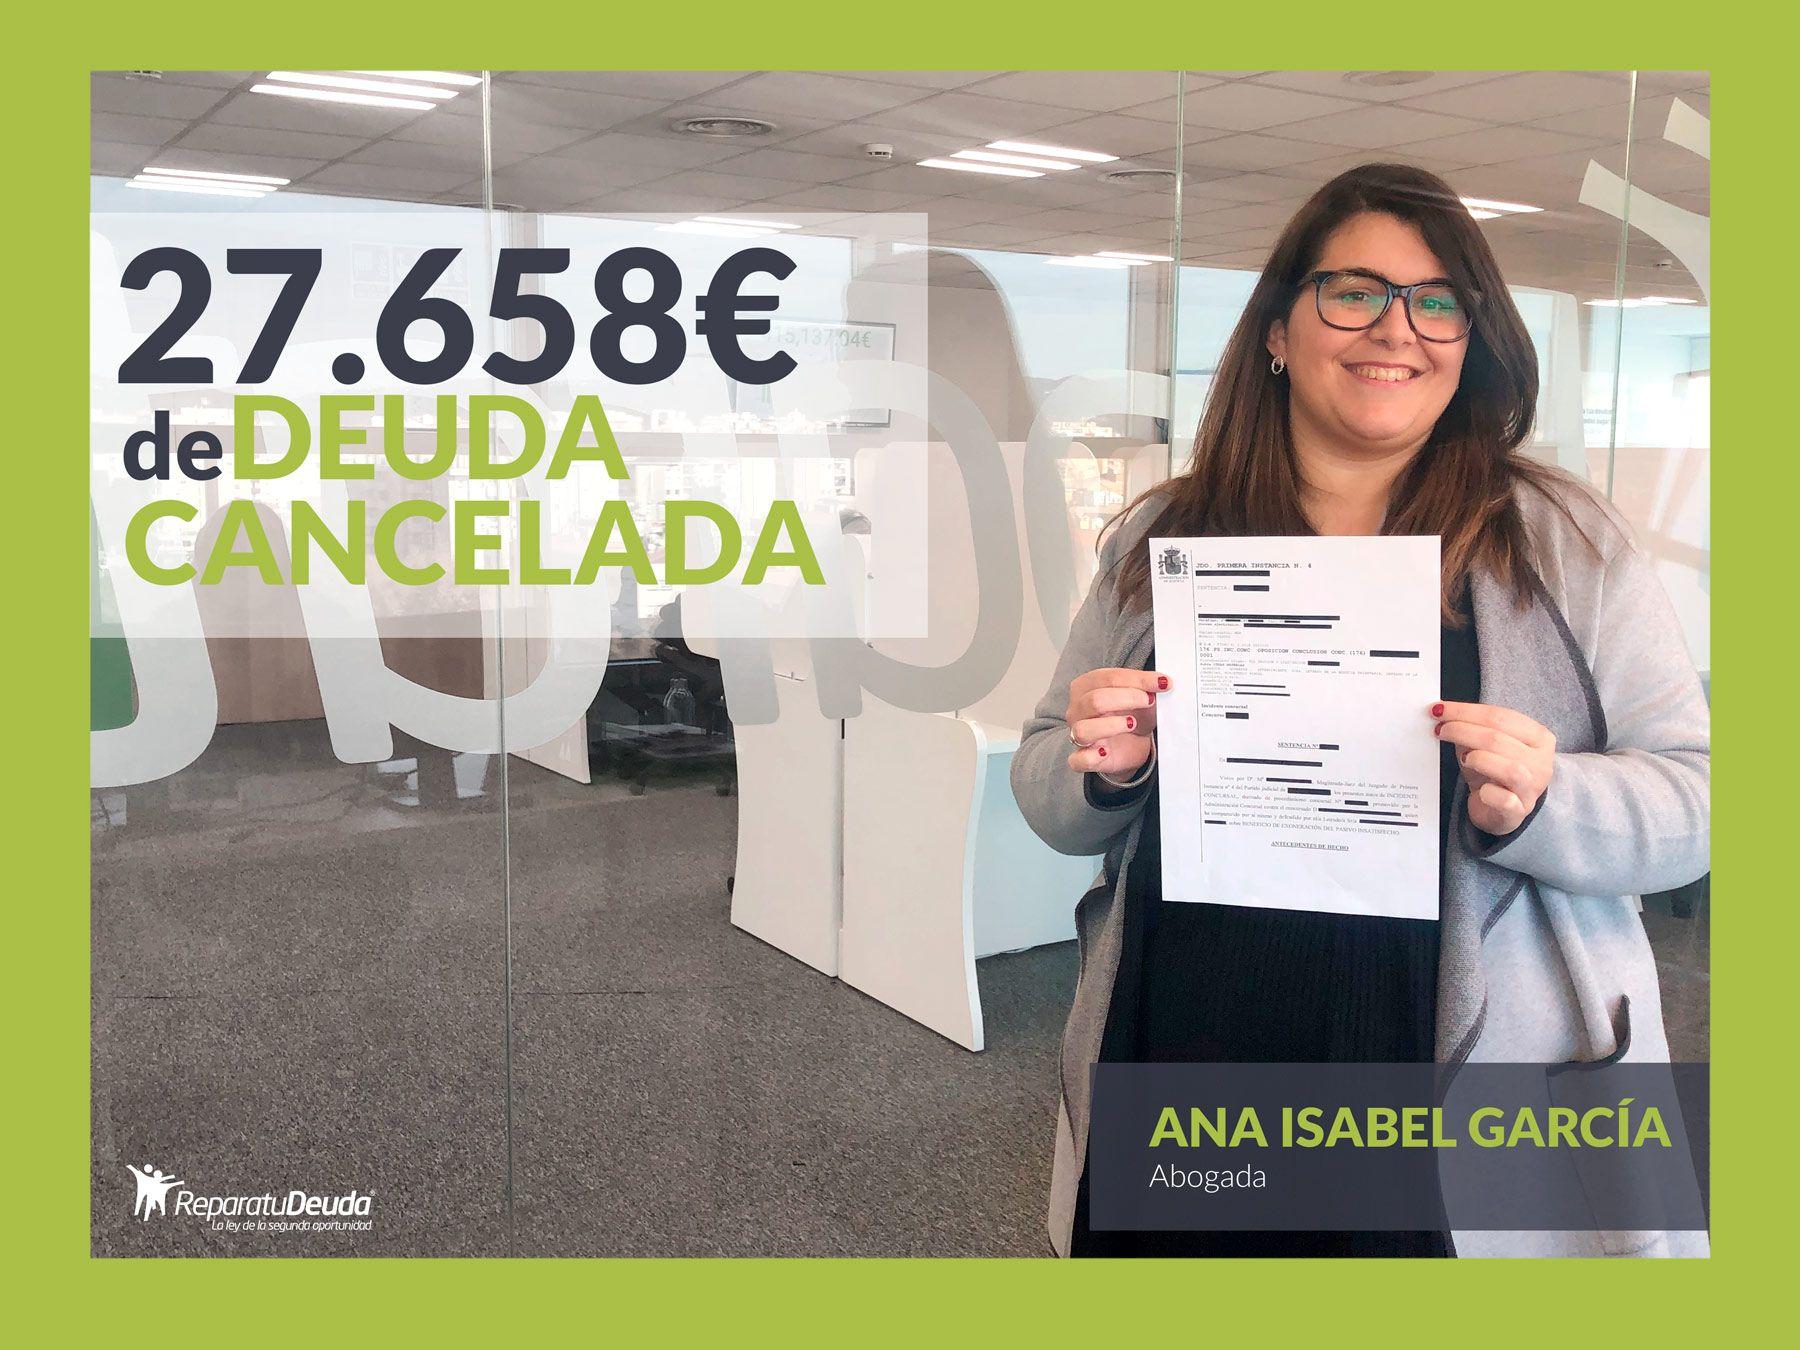 Foto de Ana Isabel García, abogada directora en Repara tu deuda